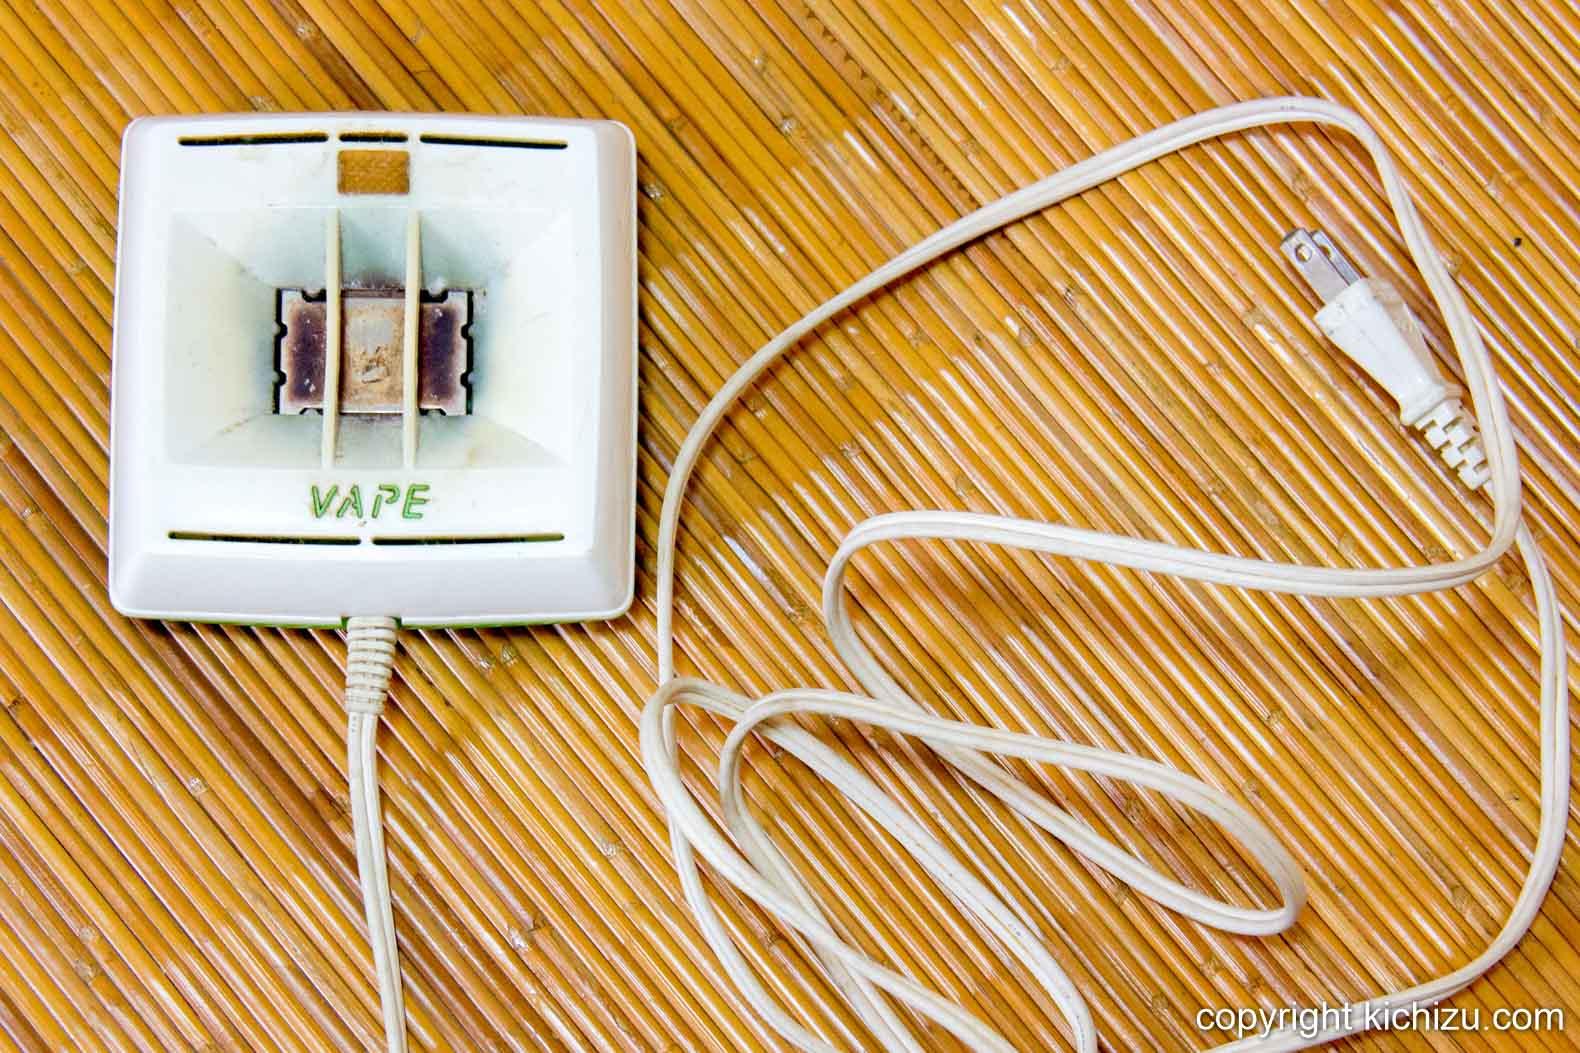 ベープ 電子蚊取りマット正方形型の全体